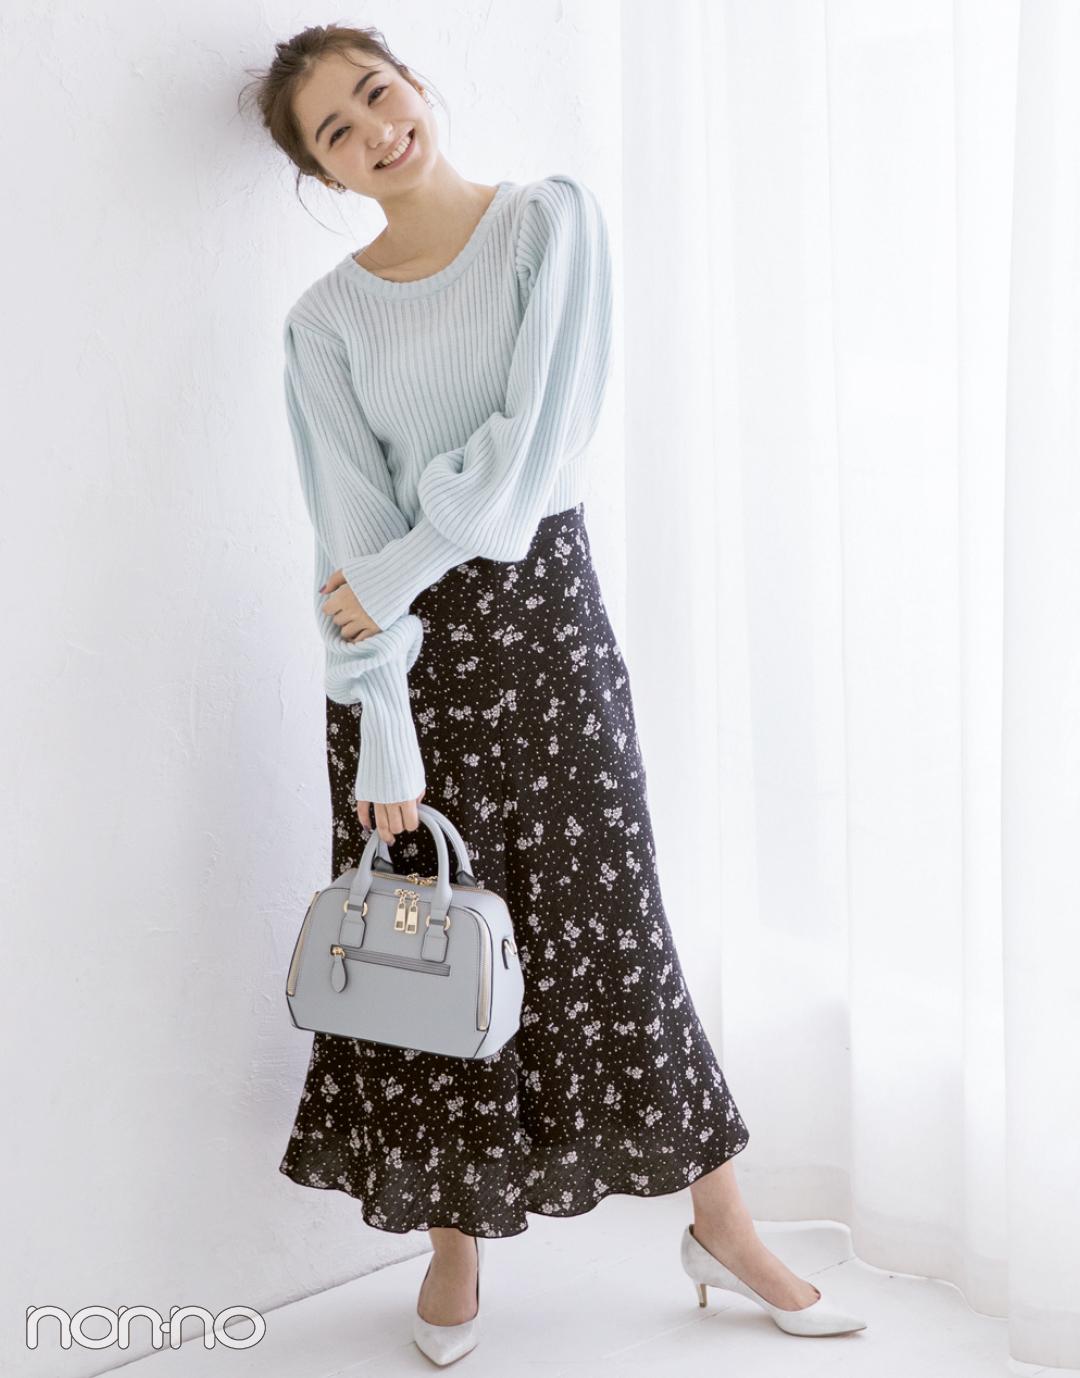 【花柄スカートコーデ】落ち着いた色の花柄&丈長スカートならソク大人♡